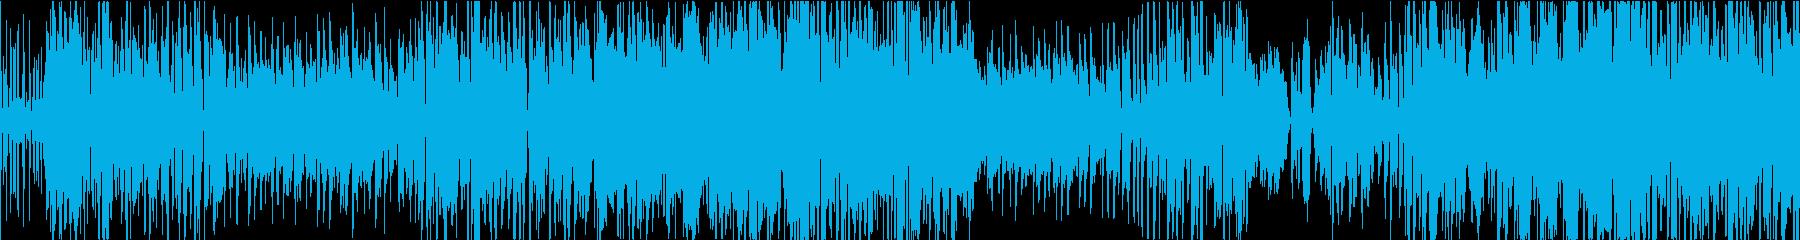 明るいポップスソング アコギ弾き語りの再生済みの波形